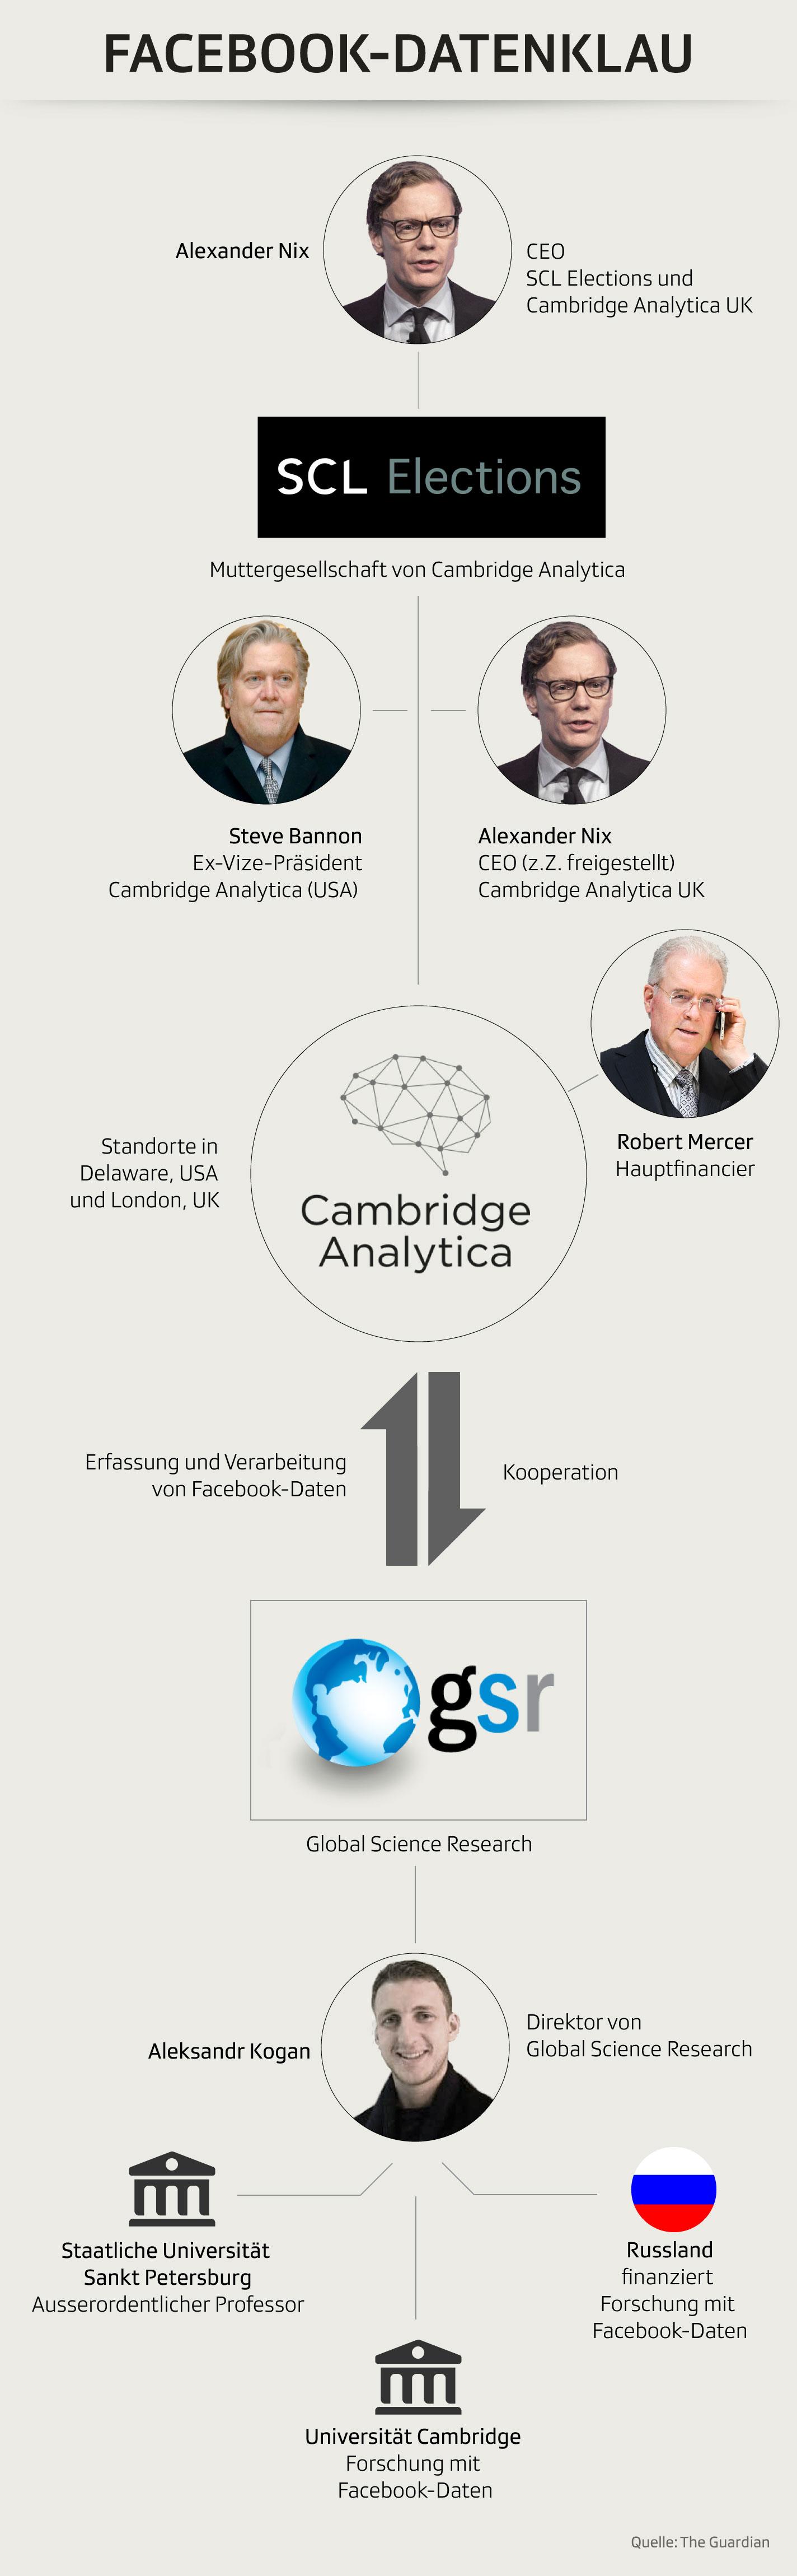 Schlüsselfiguren in der Cambrige-Analytica-Affäre